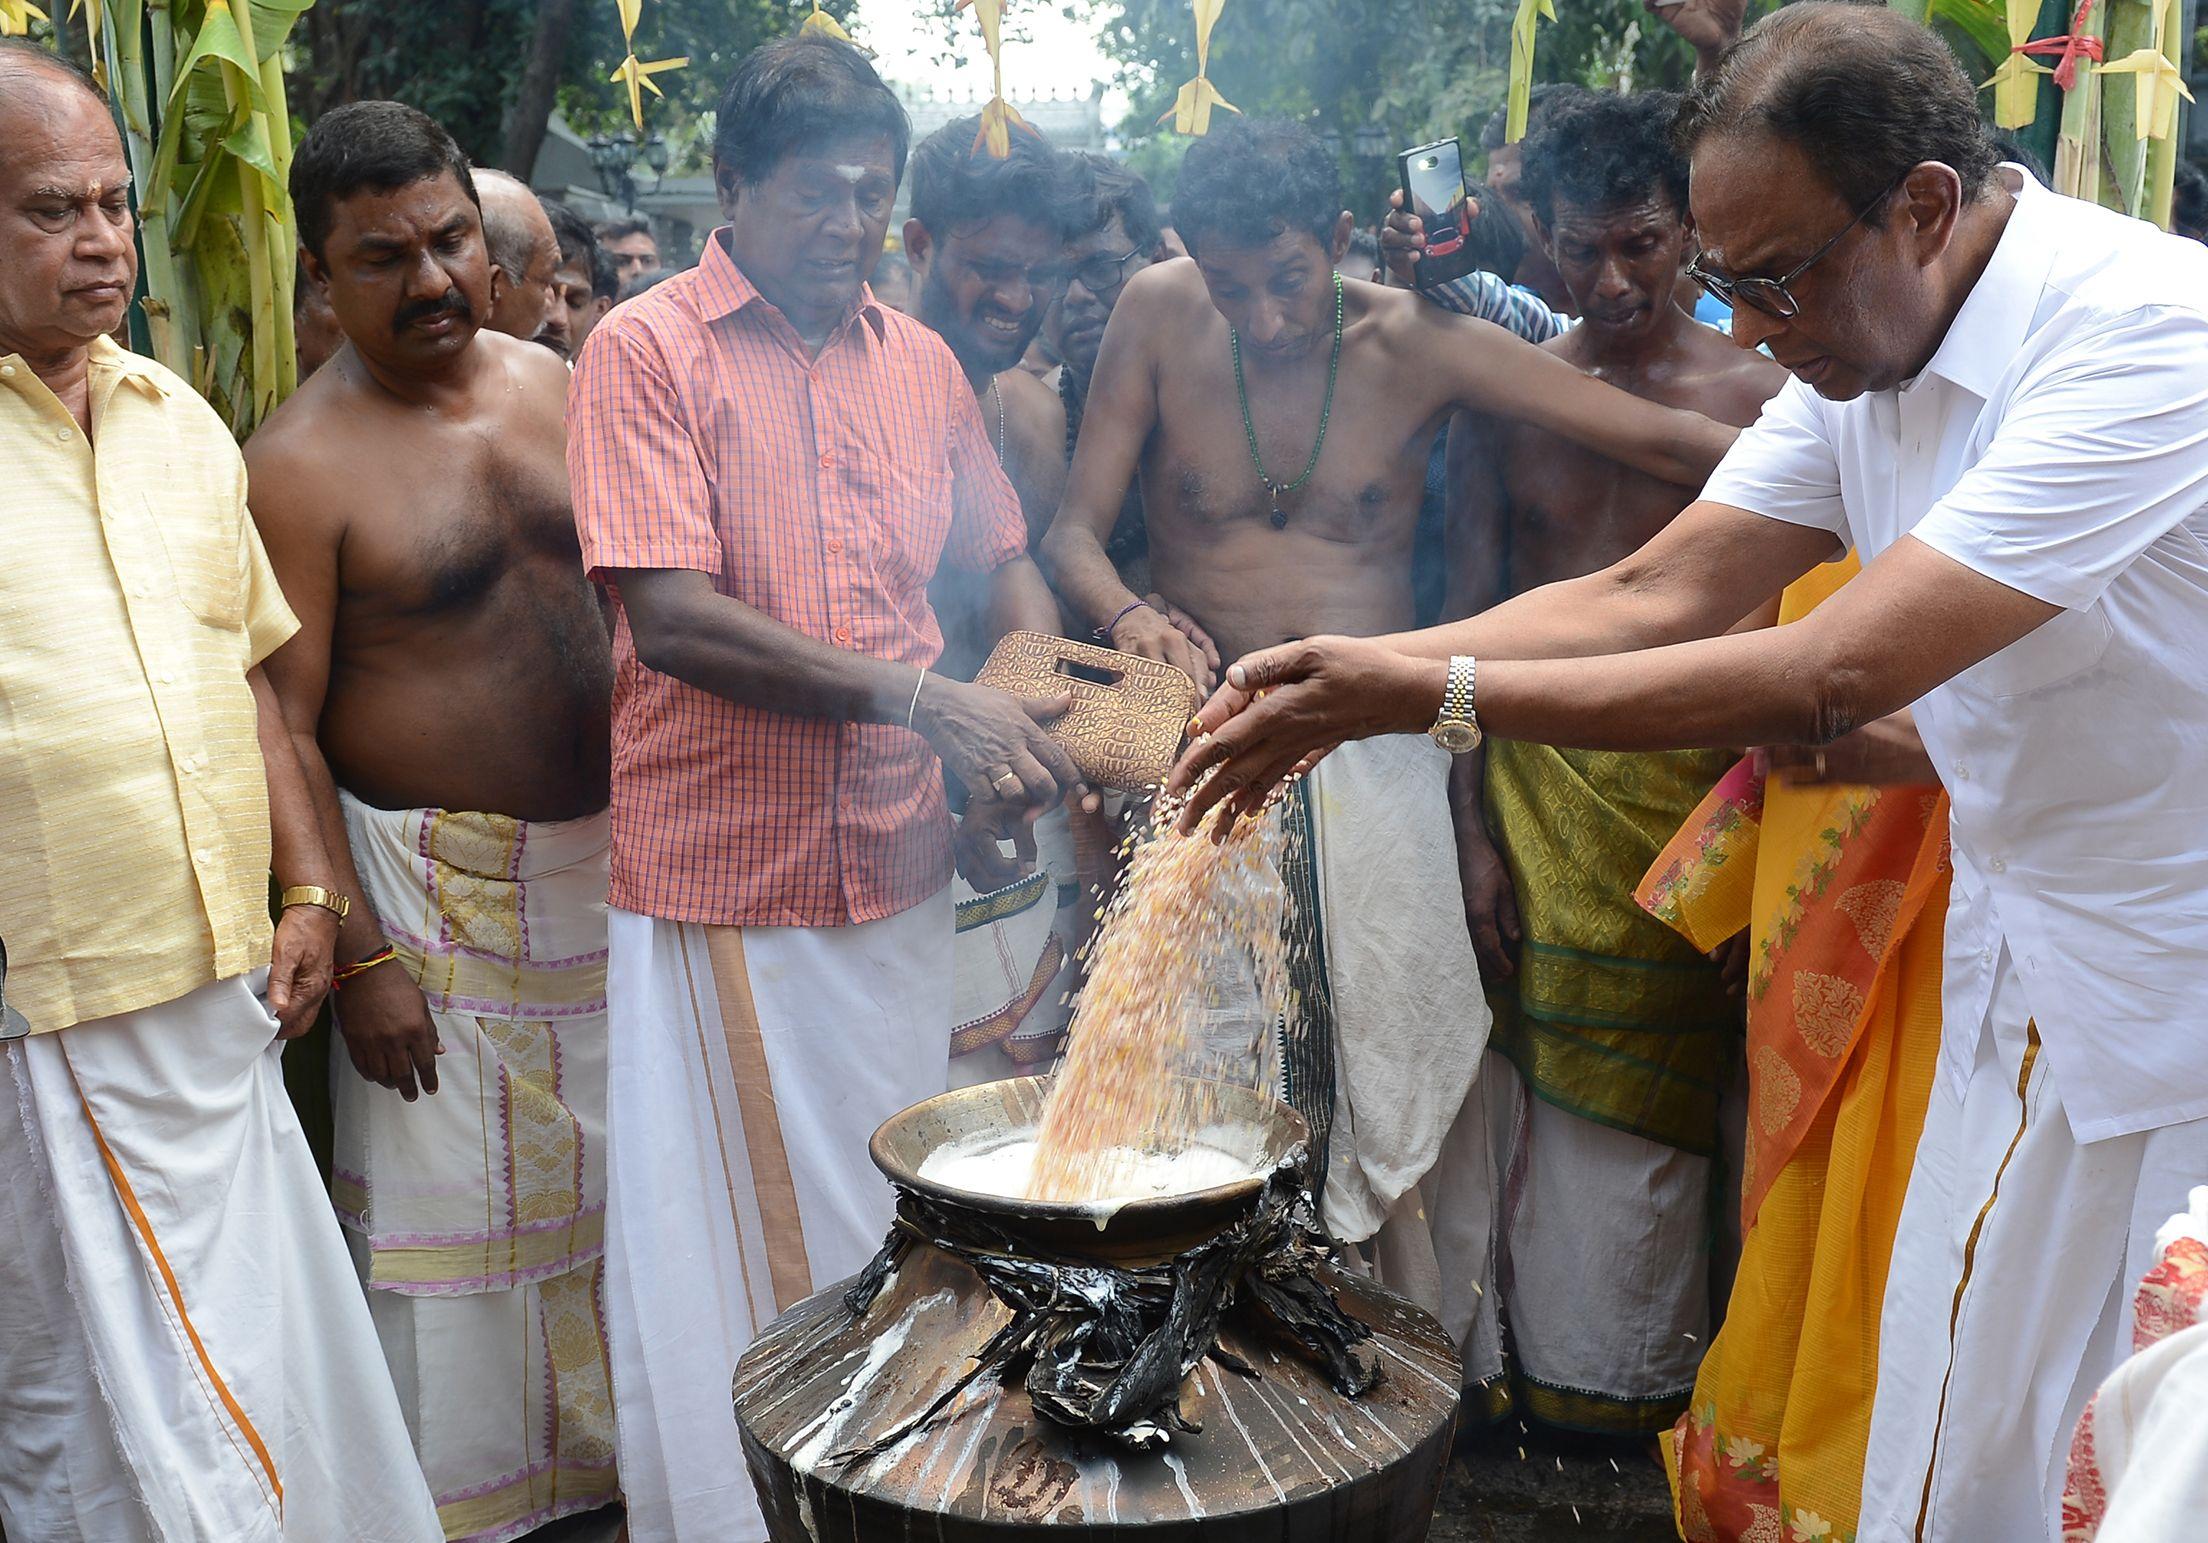 احتفالات مهرجان البونجال فى سريلانكا